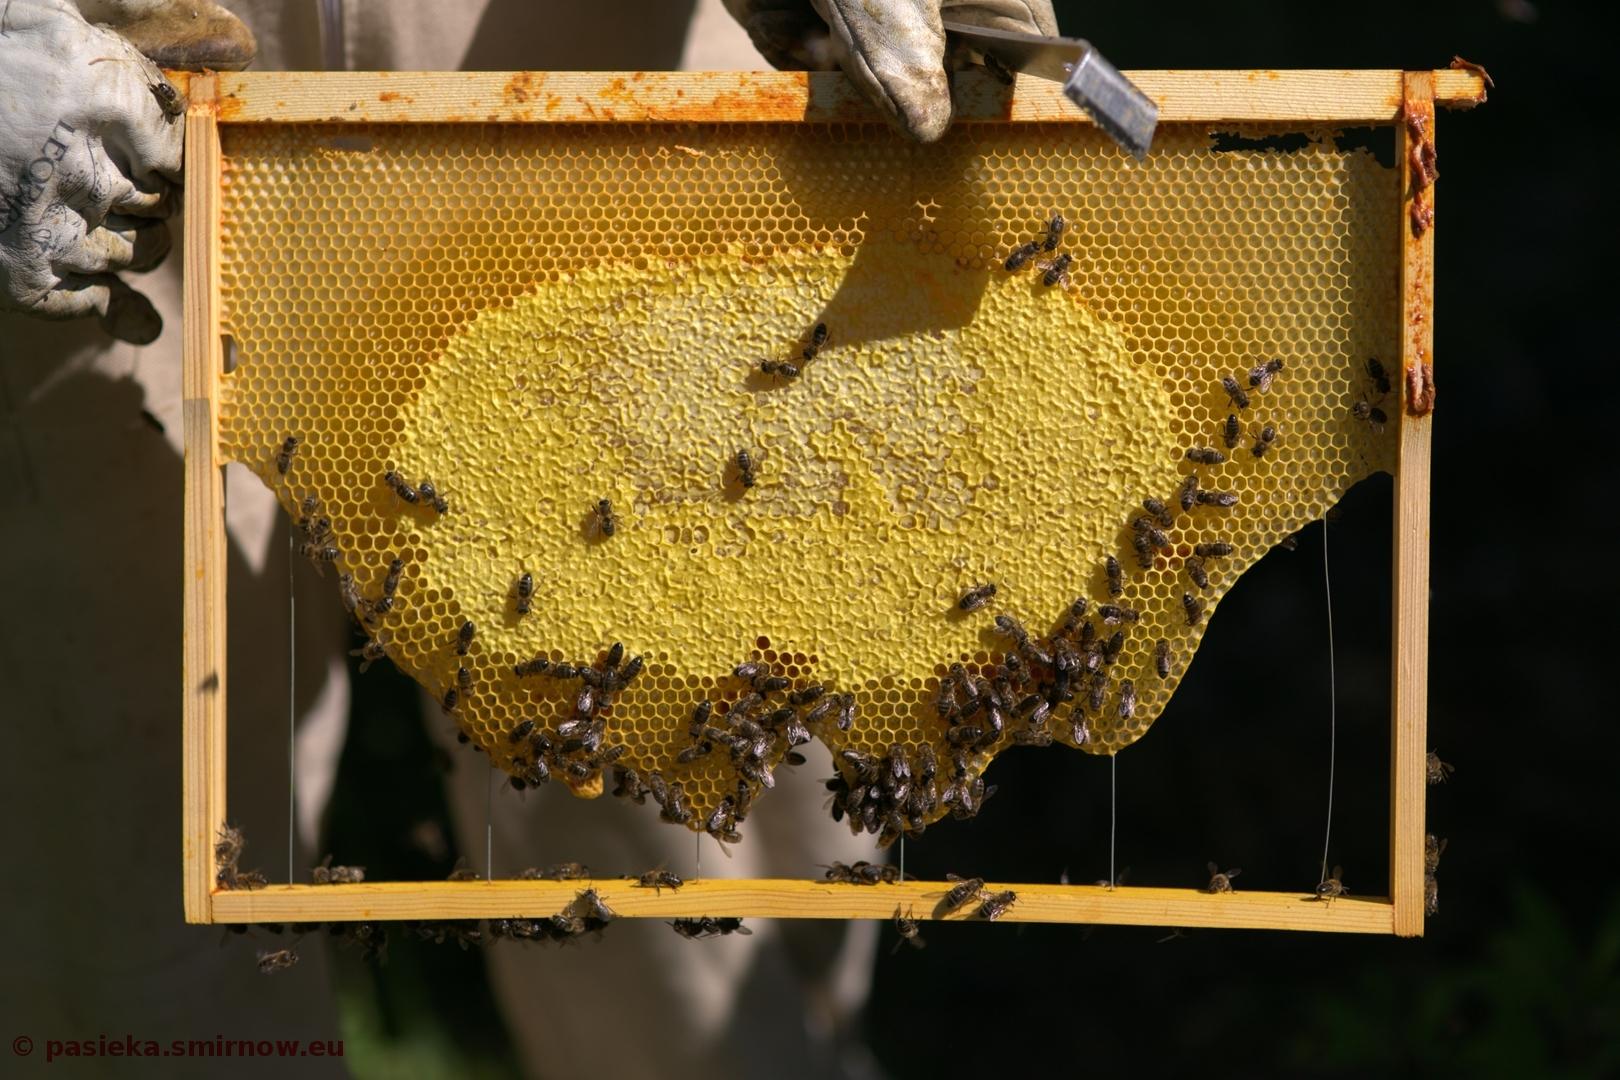 Ramka, dzika zabudowa robocza, zasklepiona żółta nawłoć